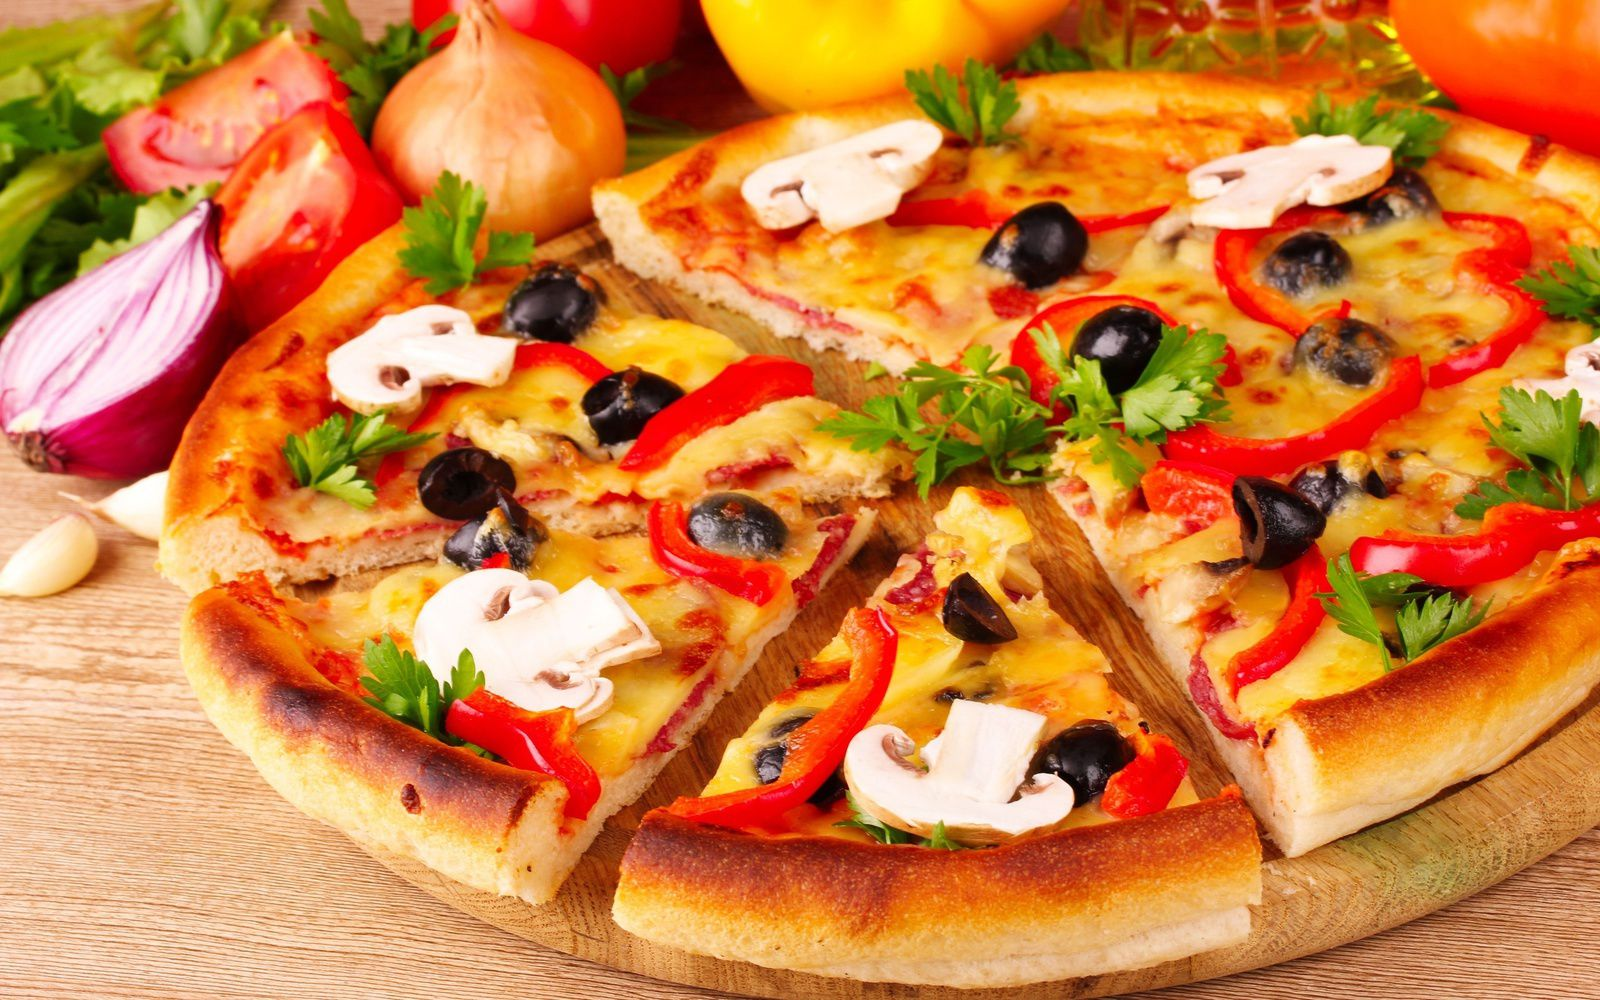 Bon appétit - Pizza - Fromage - Légumes - Wallpaper - Free